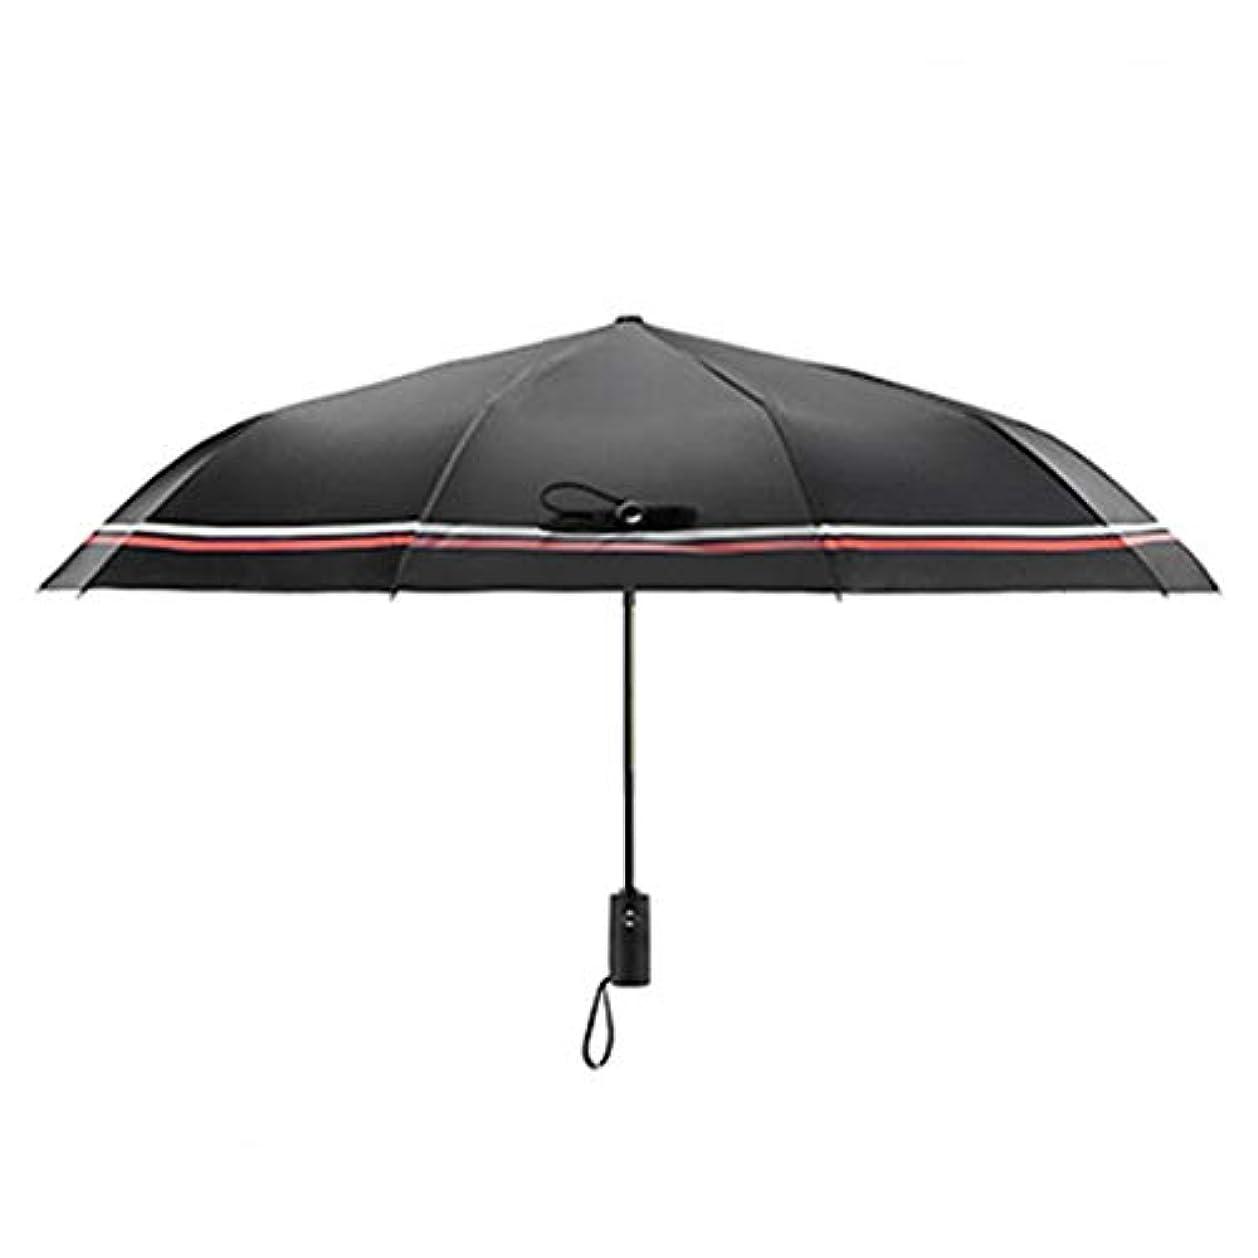 くるくる受け入れた風が強いHOHYLLYA フルオートマチック傘折りたたみ日傘uv保護ストライプパターン屋外旅行日焼け止め傘ポータブルスポーツ傘 sunshade (色 : 黒)